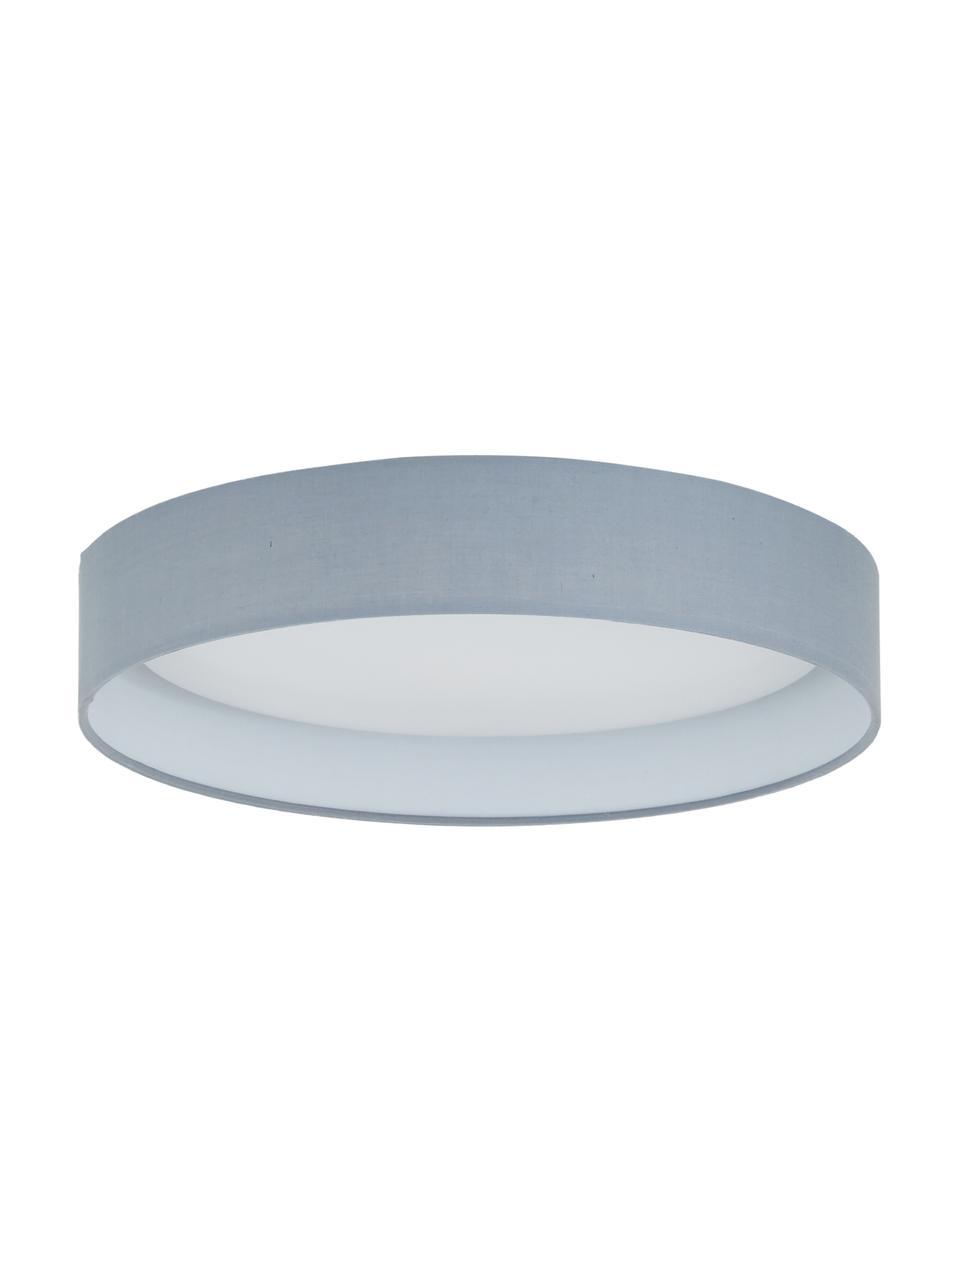 Plafonnier LED rond gris Helen, Gris